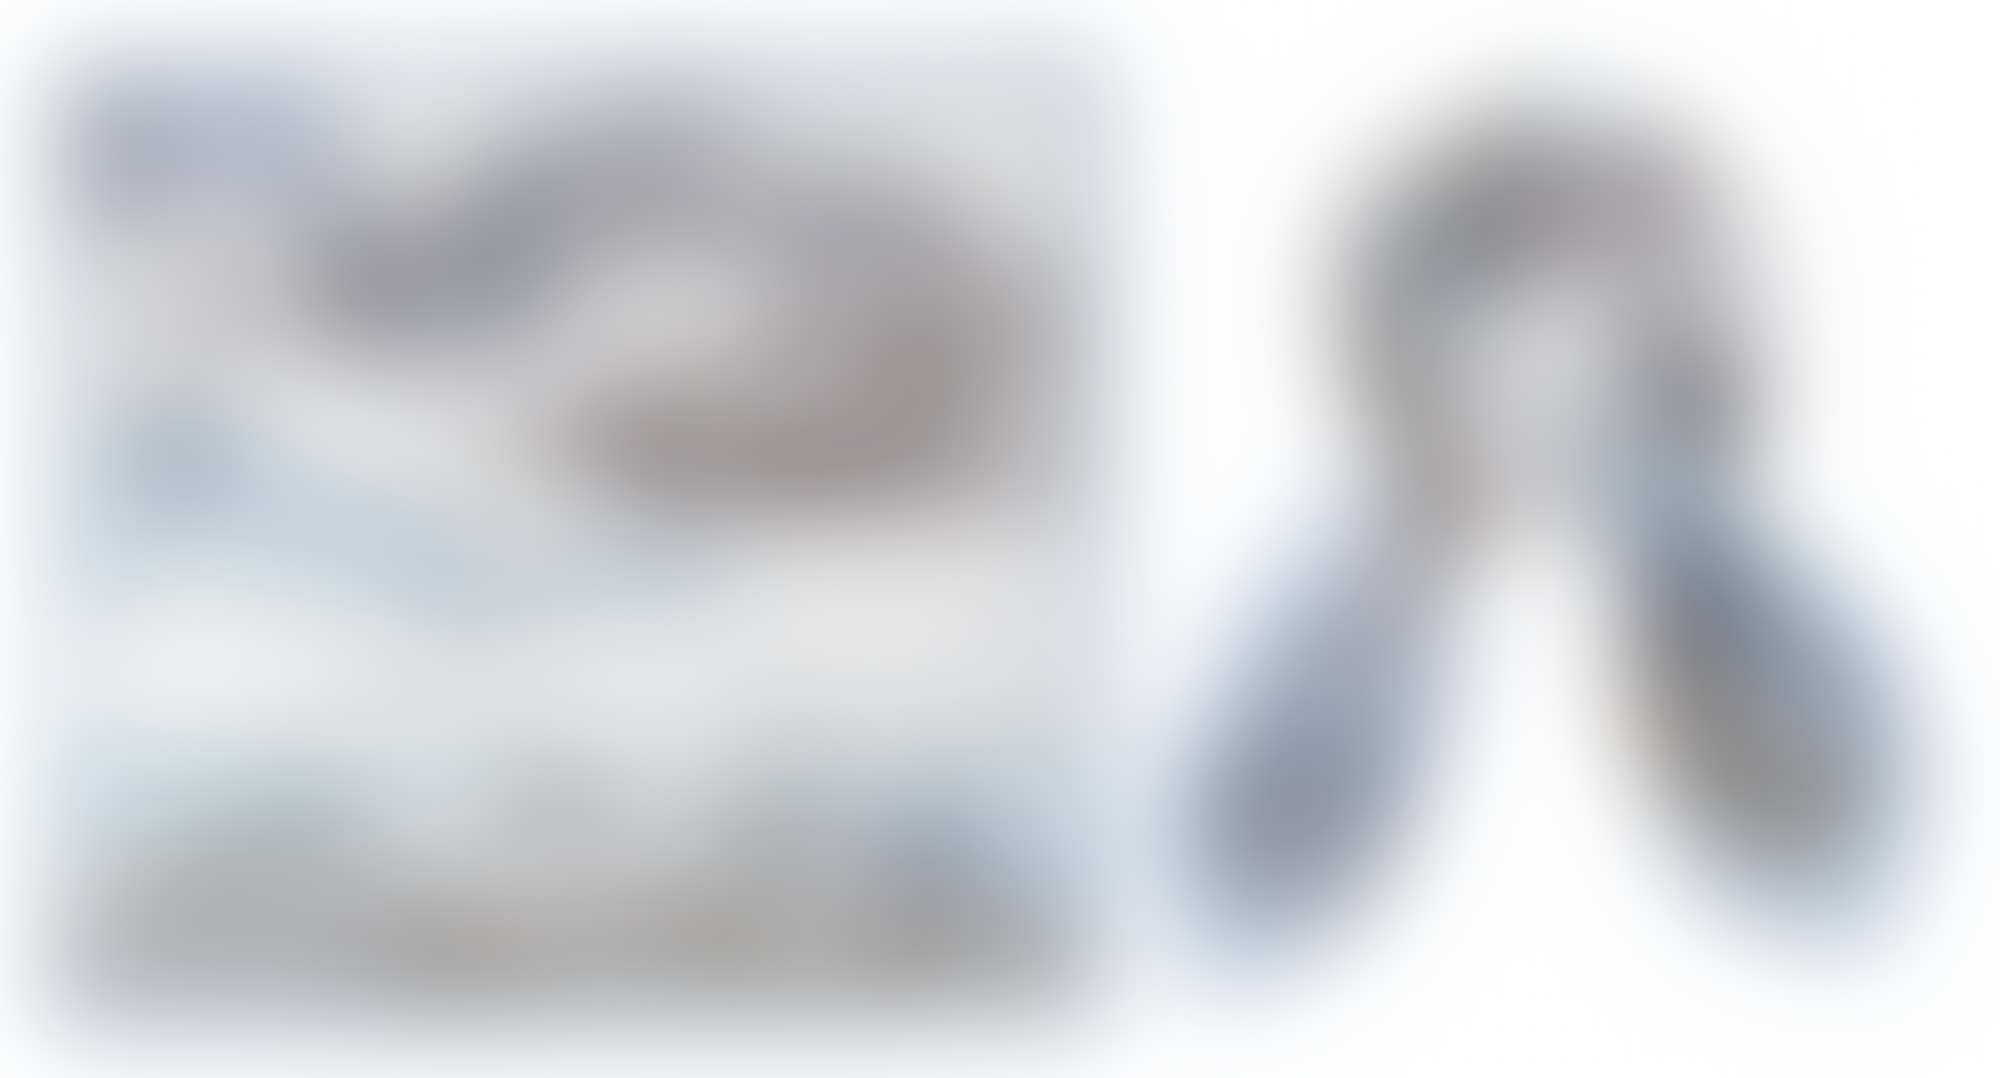 Siladora silk scarf 1 2015 autocompressfitresizeixlibphp 1 1 0max h2000max w3 D2000q80sa4c515e59a0b748998e61a1d01d56d54